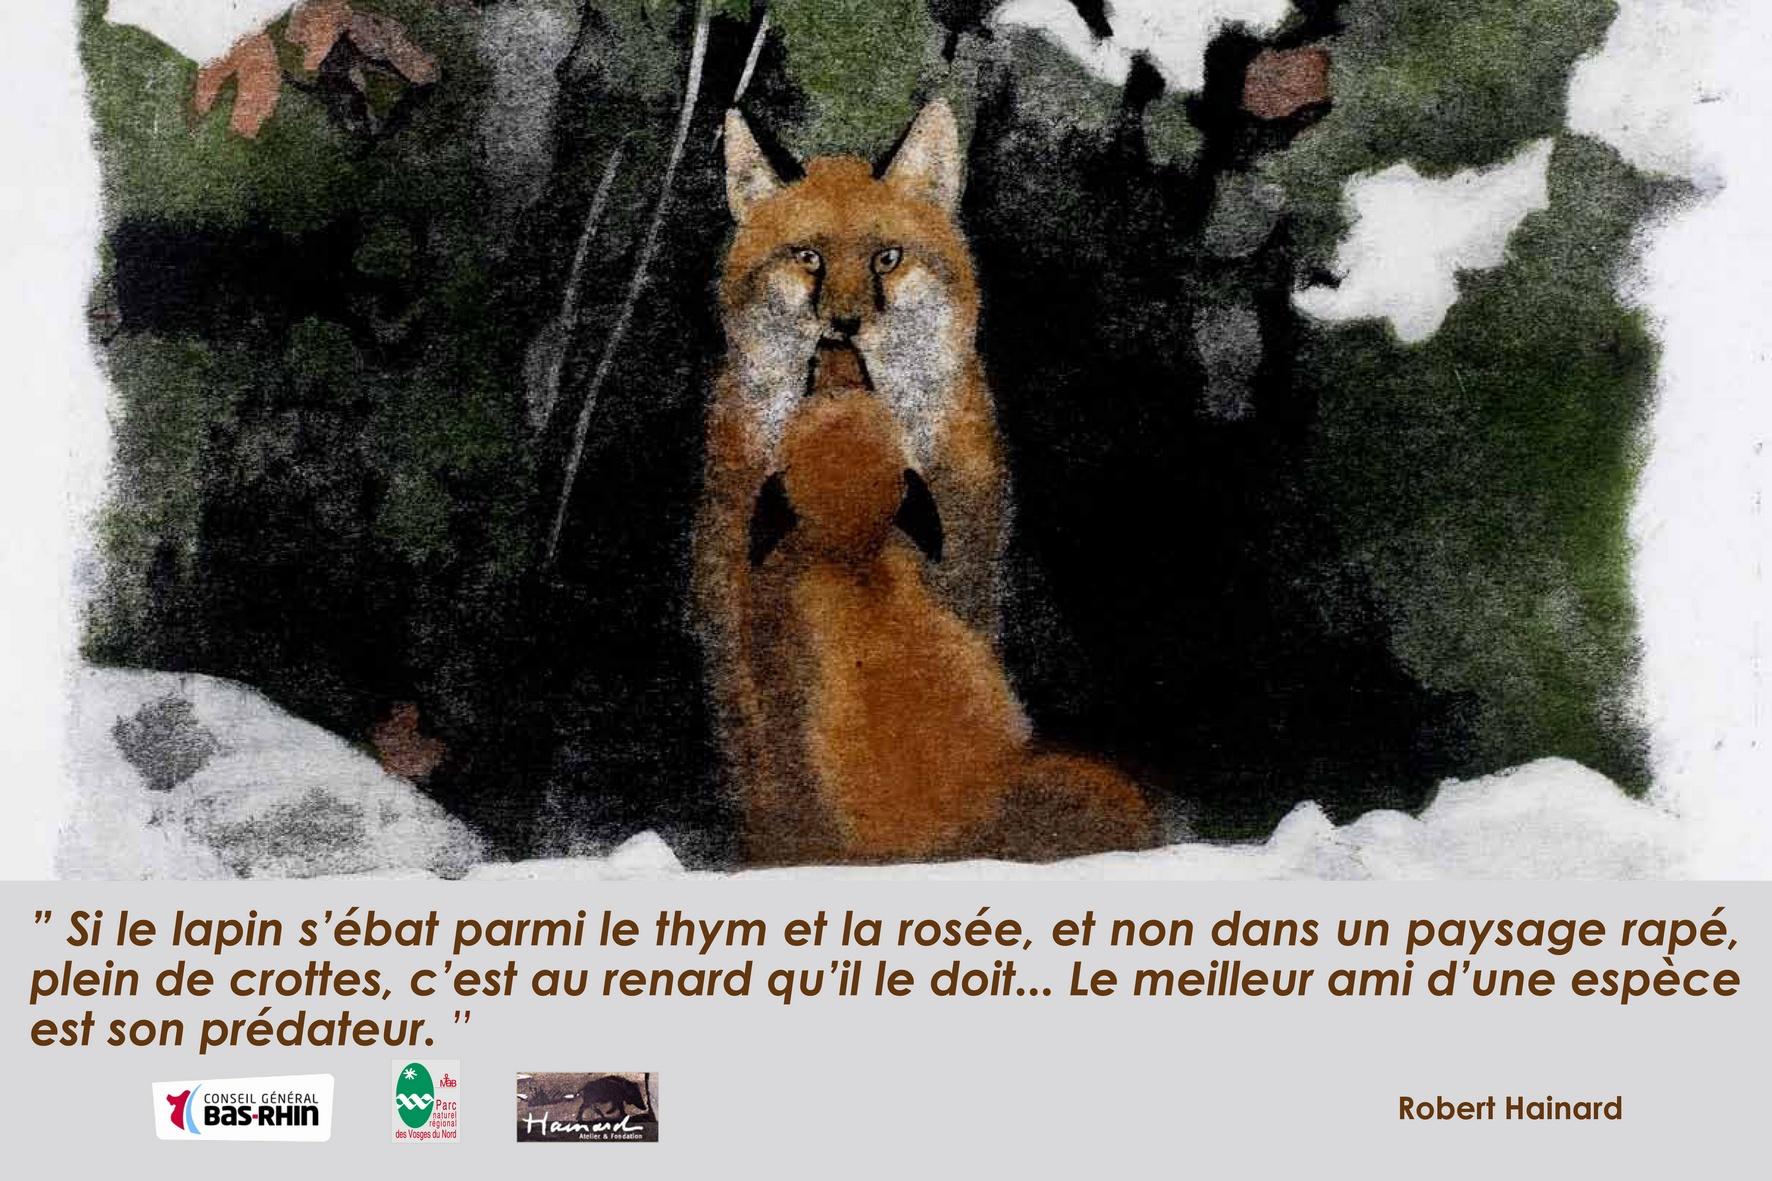 [faune] Chasse de nuit des Renards (pour protéger le Hamster) : arrêté préfectoral annulé par le Tribunal